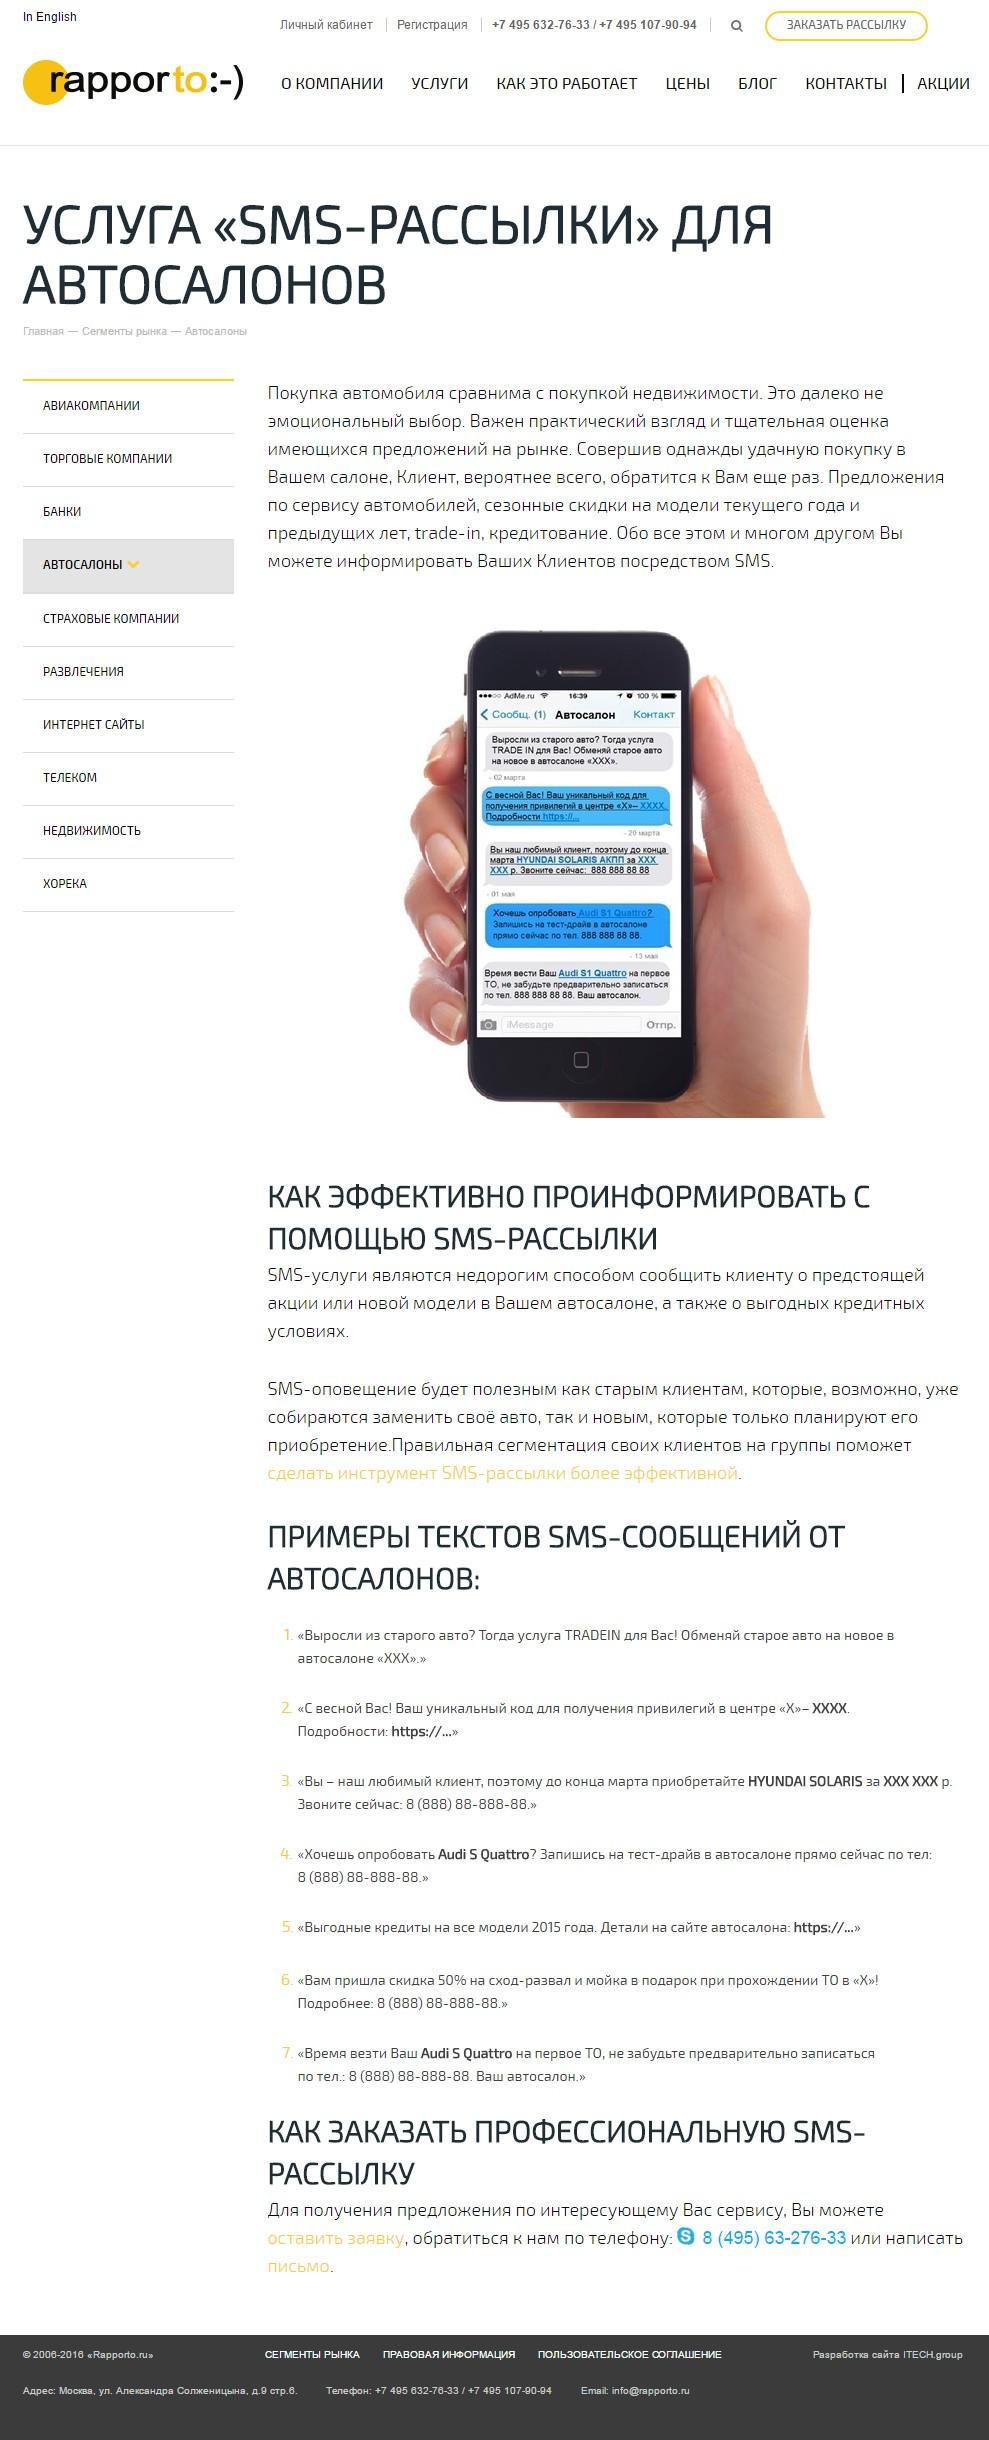 Статья УСЛУГА «SMS-РАССЫЛКИ» ДЛЯ АВТОСАЛОНОВ